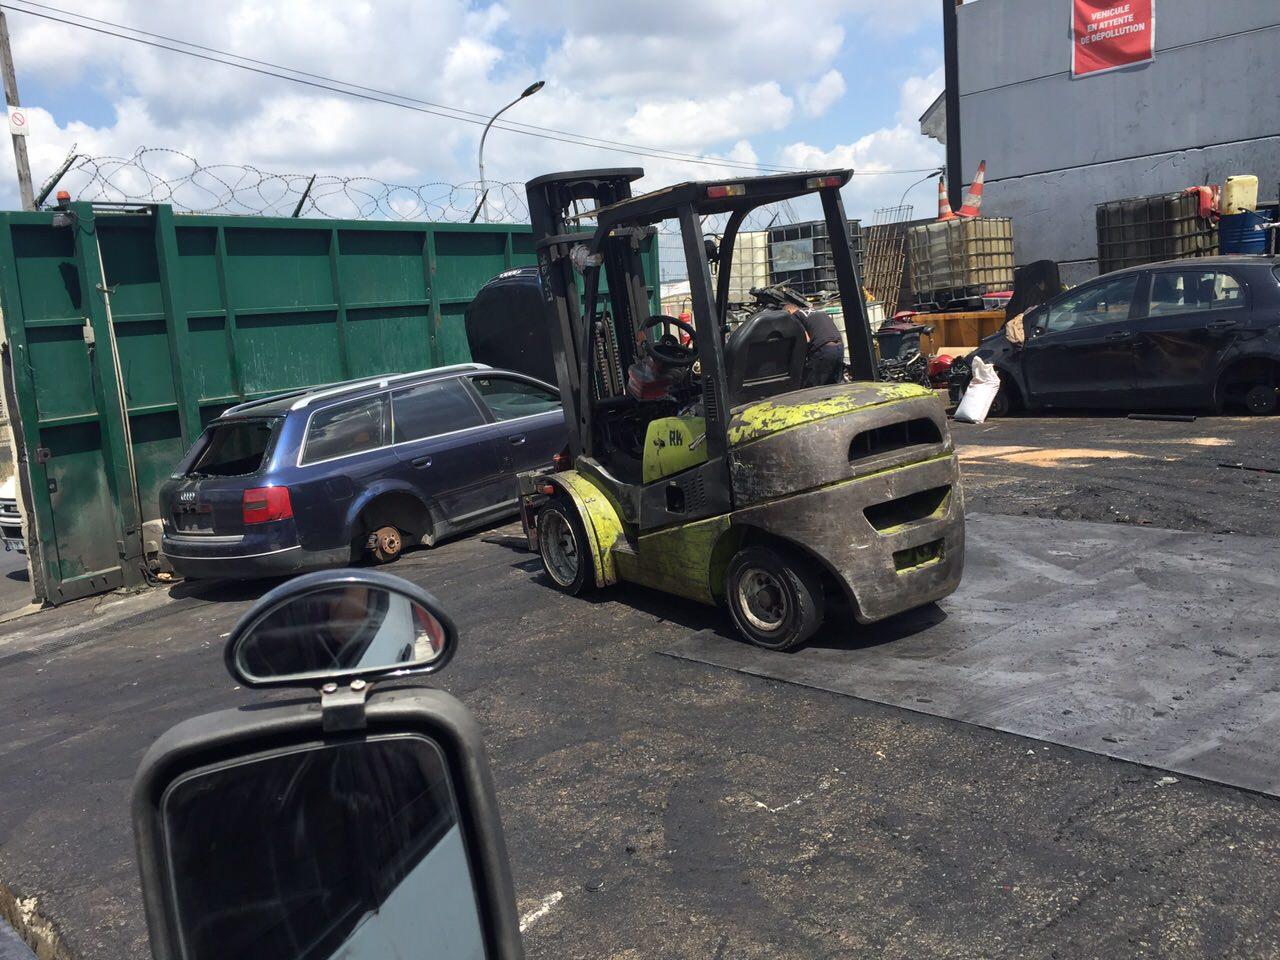 Destruction voiture en panne accidentee gagee hs montrouge for Reprise voiture en panne garage